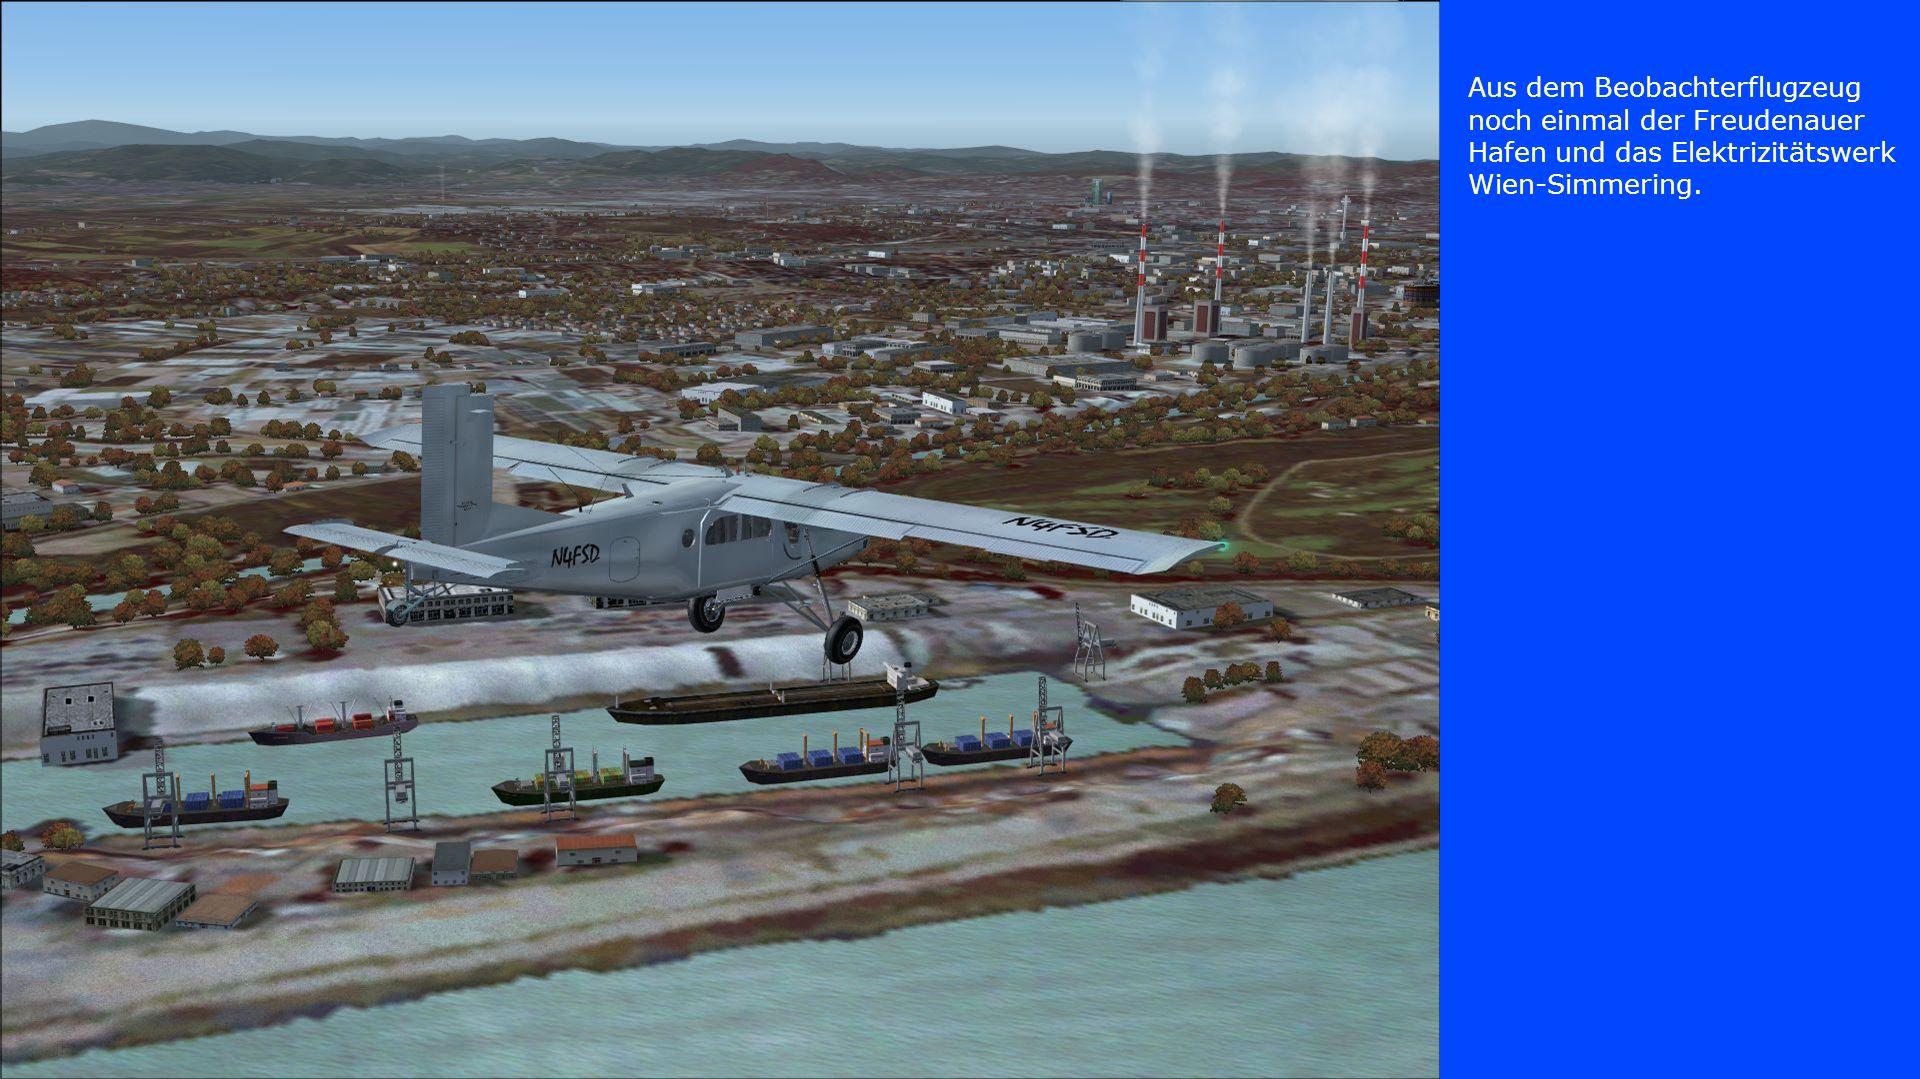 Aus dem Beobachterflugzeug noch einmal der Freudenauer Hafen und das Elektrizitätswerk Wien-Simmering.